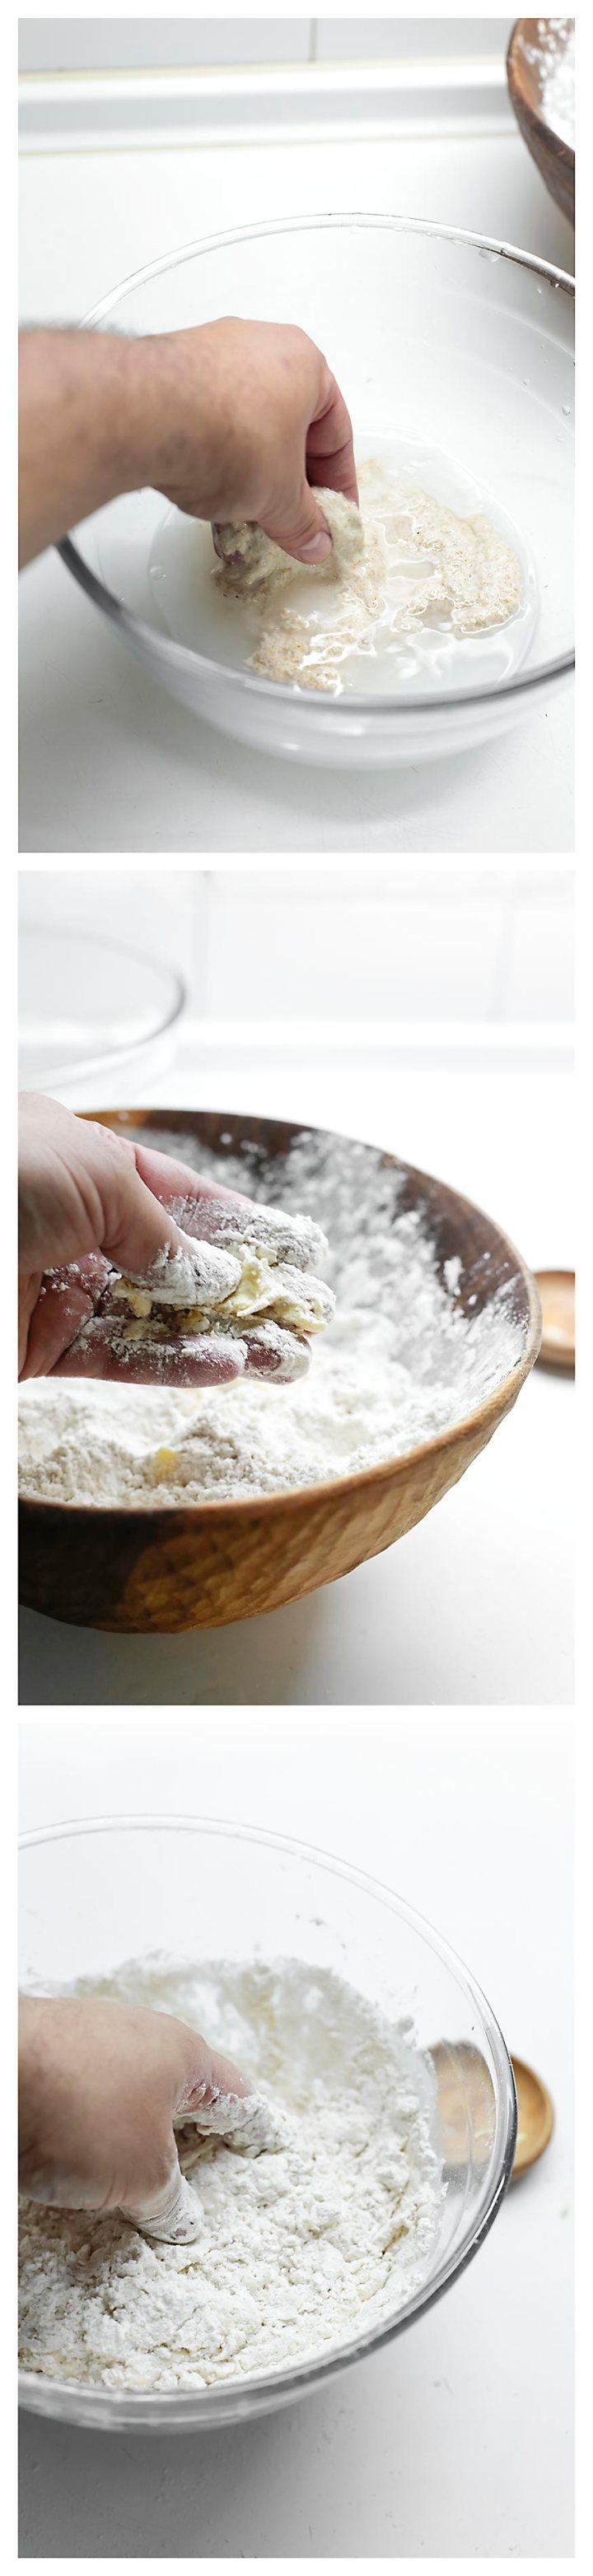 elaboracion del pan